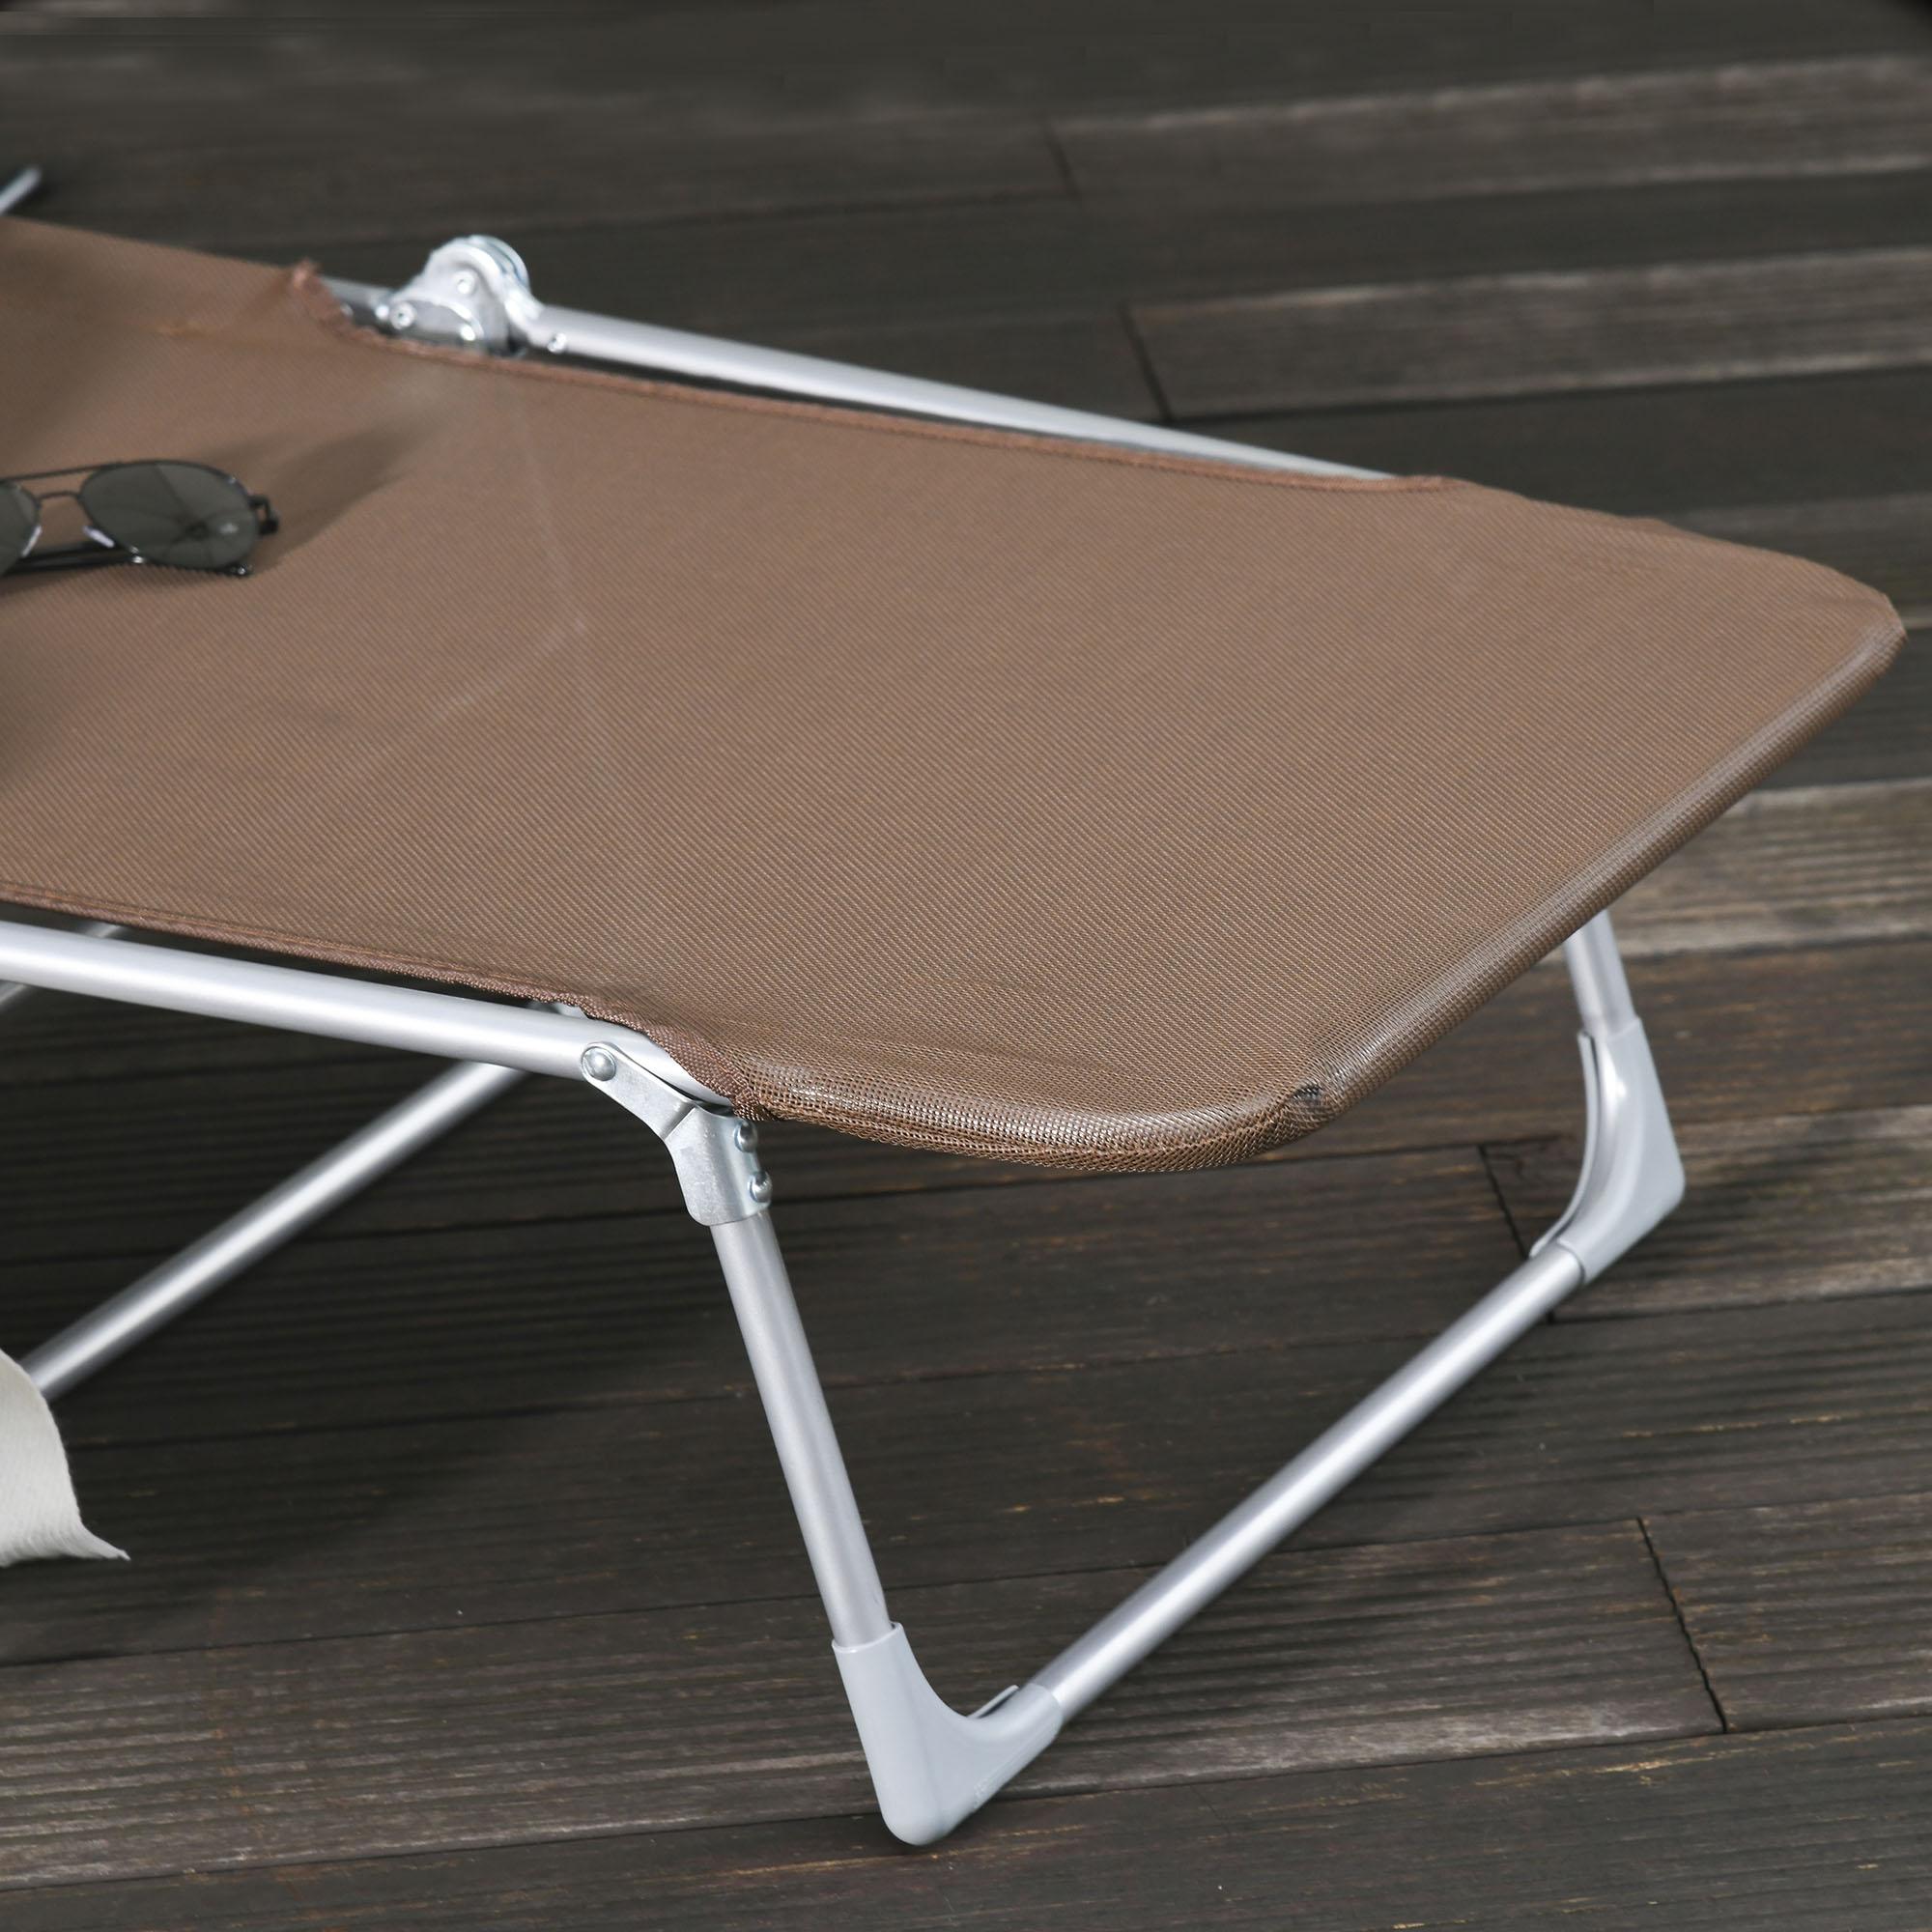 miniatura 16 - Tumbona Plegable y Reclinable con Reposacabezas y Respaldo Ajustable COLOR